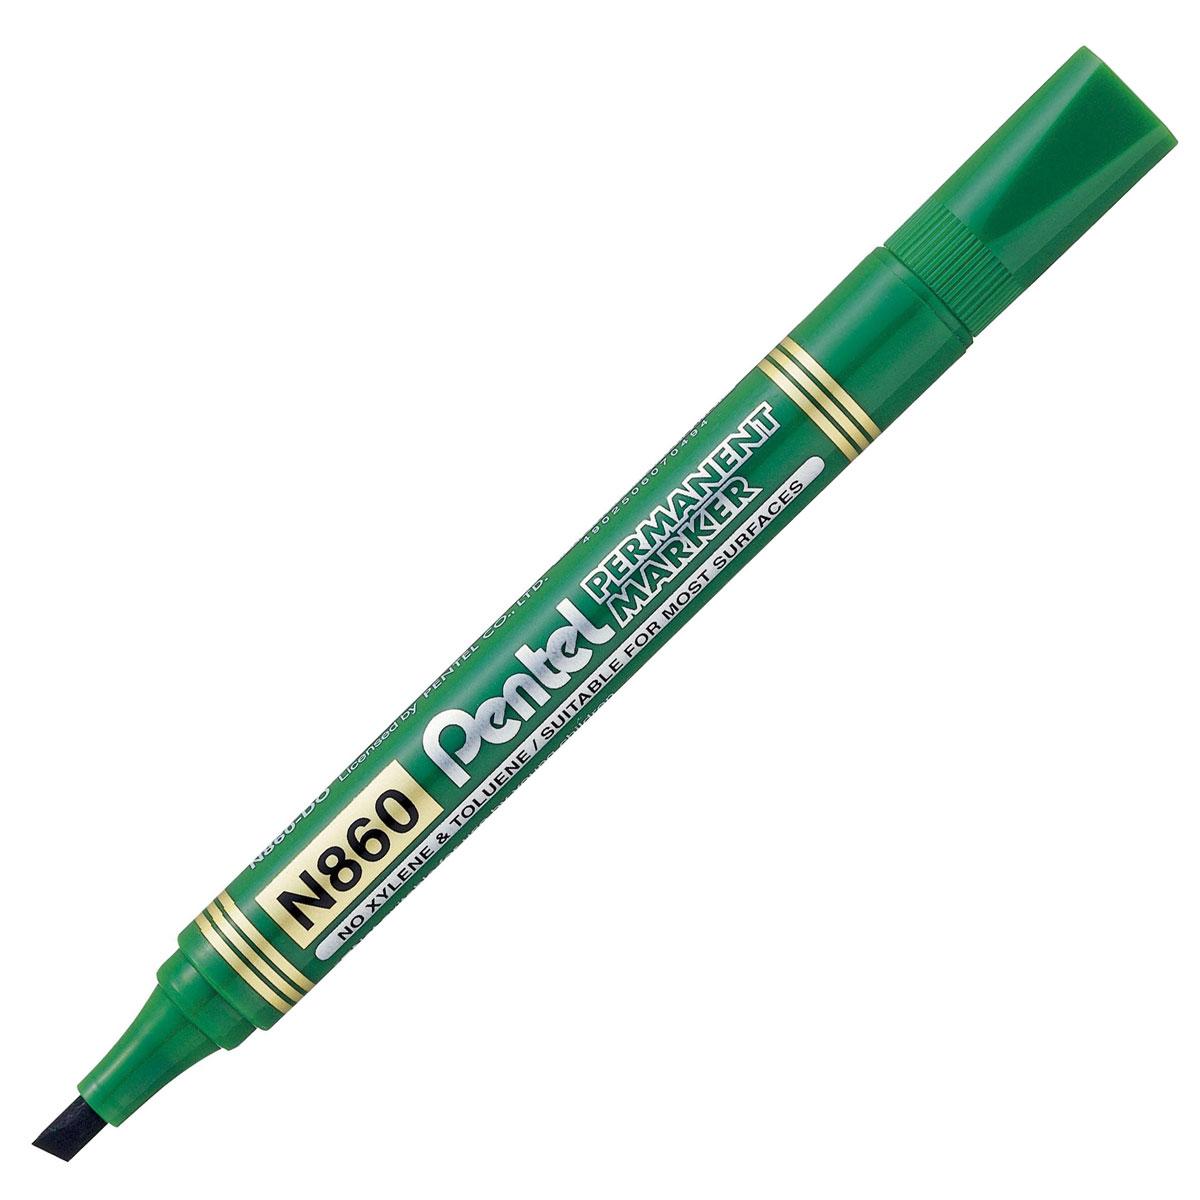 Pentel Маркер перманентный Chisel Point, цвет: зеленыйFS-00103Маркер перманентный Pentel Chisel Point со скошенным наконечником позволяет проводить линии шириной от 1.8 до 4.5 мм. Маркер заправлен перманентными чернилами, они быстро высыхают, чернила свето- и влагостойкие. Надписи, сделанные этим маркером, устойчивы к истиранию. Подходит для маркирования на бумаге, картоне, пластике, стекле и металле.